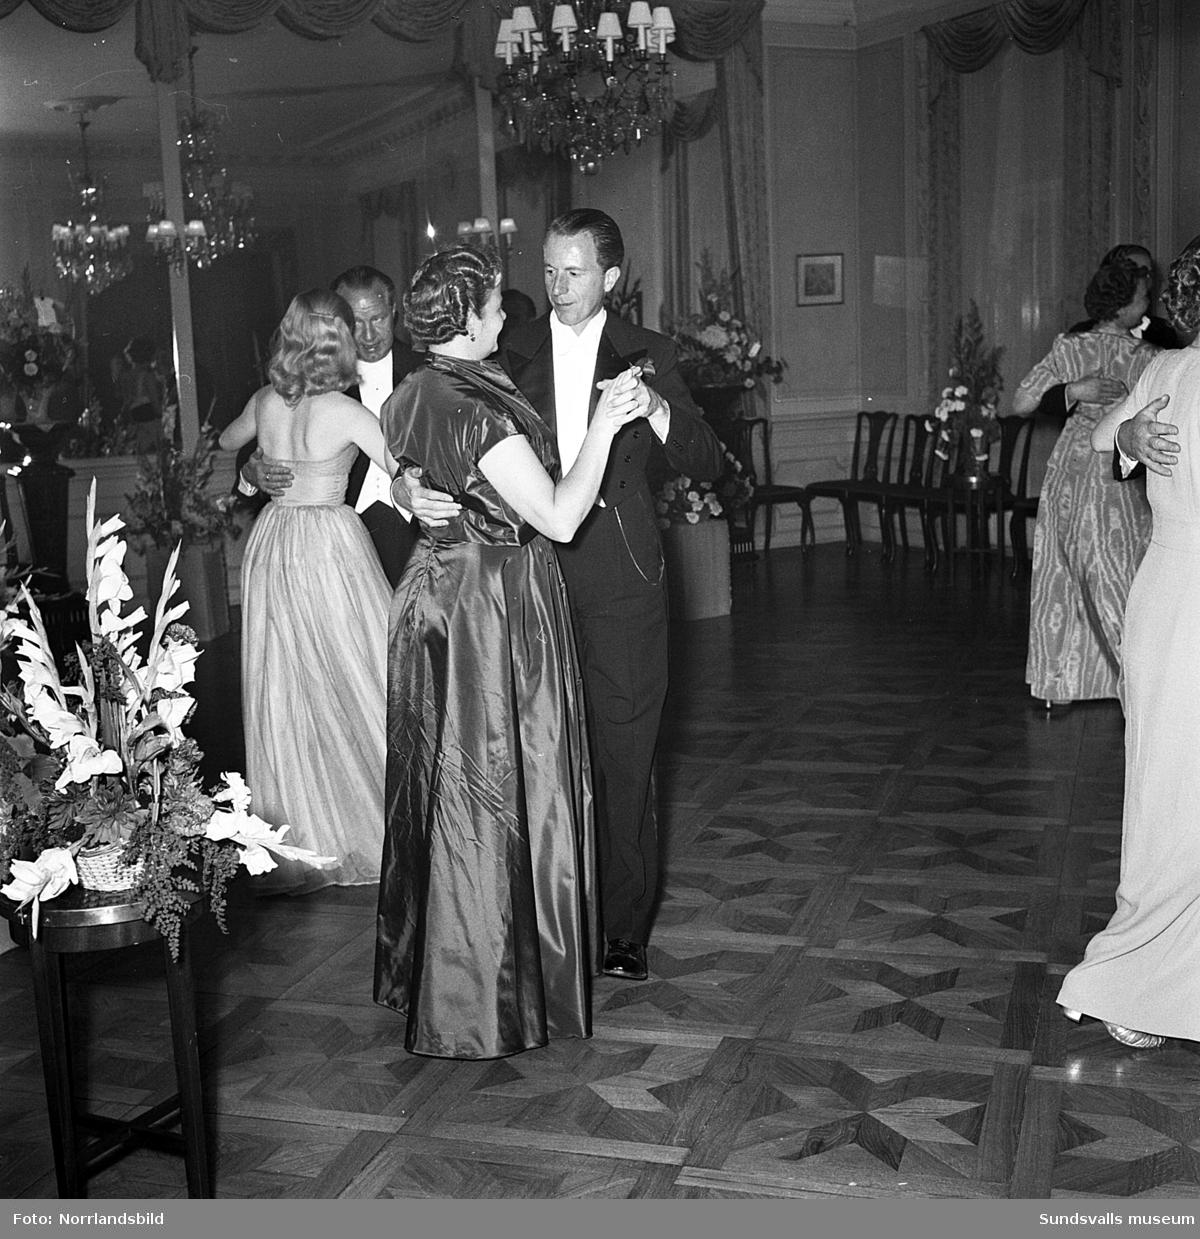 """Ett urval av en stor grupp bilder från Lindgrens järnhandels 100-årsjubileumsfest på Knaust. Storstilad entré, mingel, utmärkelser, galamiddag och dans. Underhållning av bland annat en mycket ung Ingeborg Nyberg. På bilderna syns bland annat direktör Fridolf Brunnzell och lagerchefen Carl """"Spiken"""" Lundberg, vilken samma år firade 50 år som anställd vid företaget."""